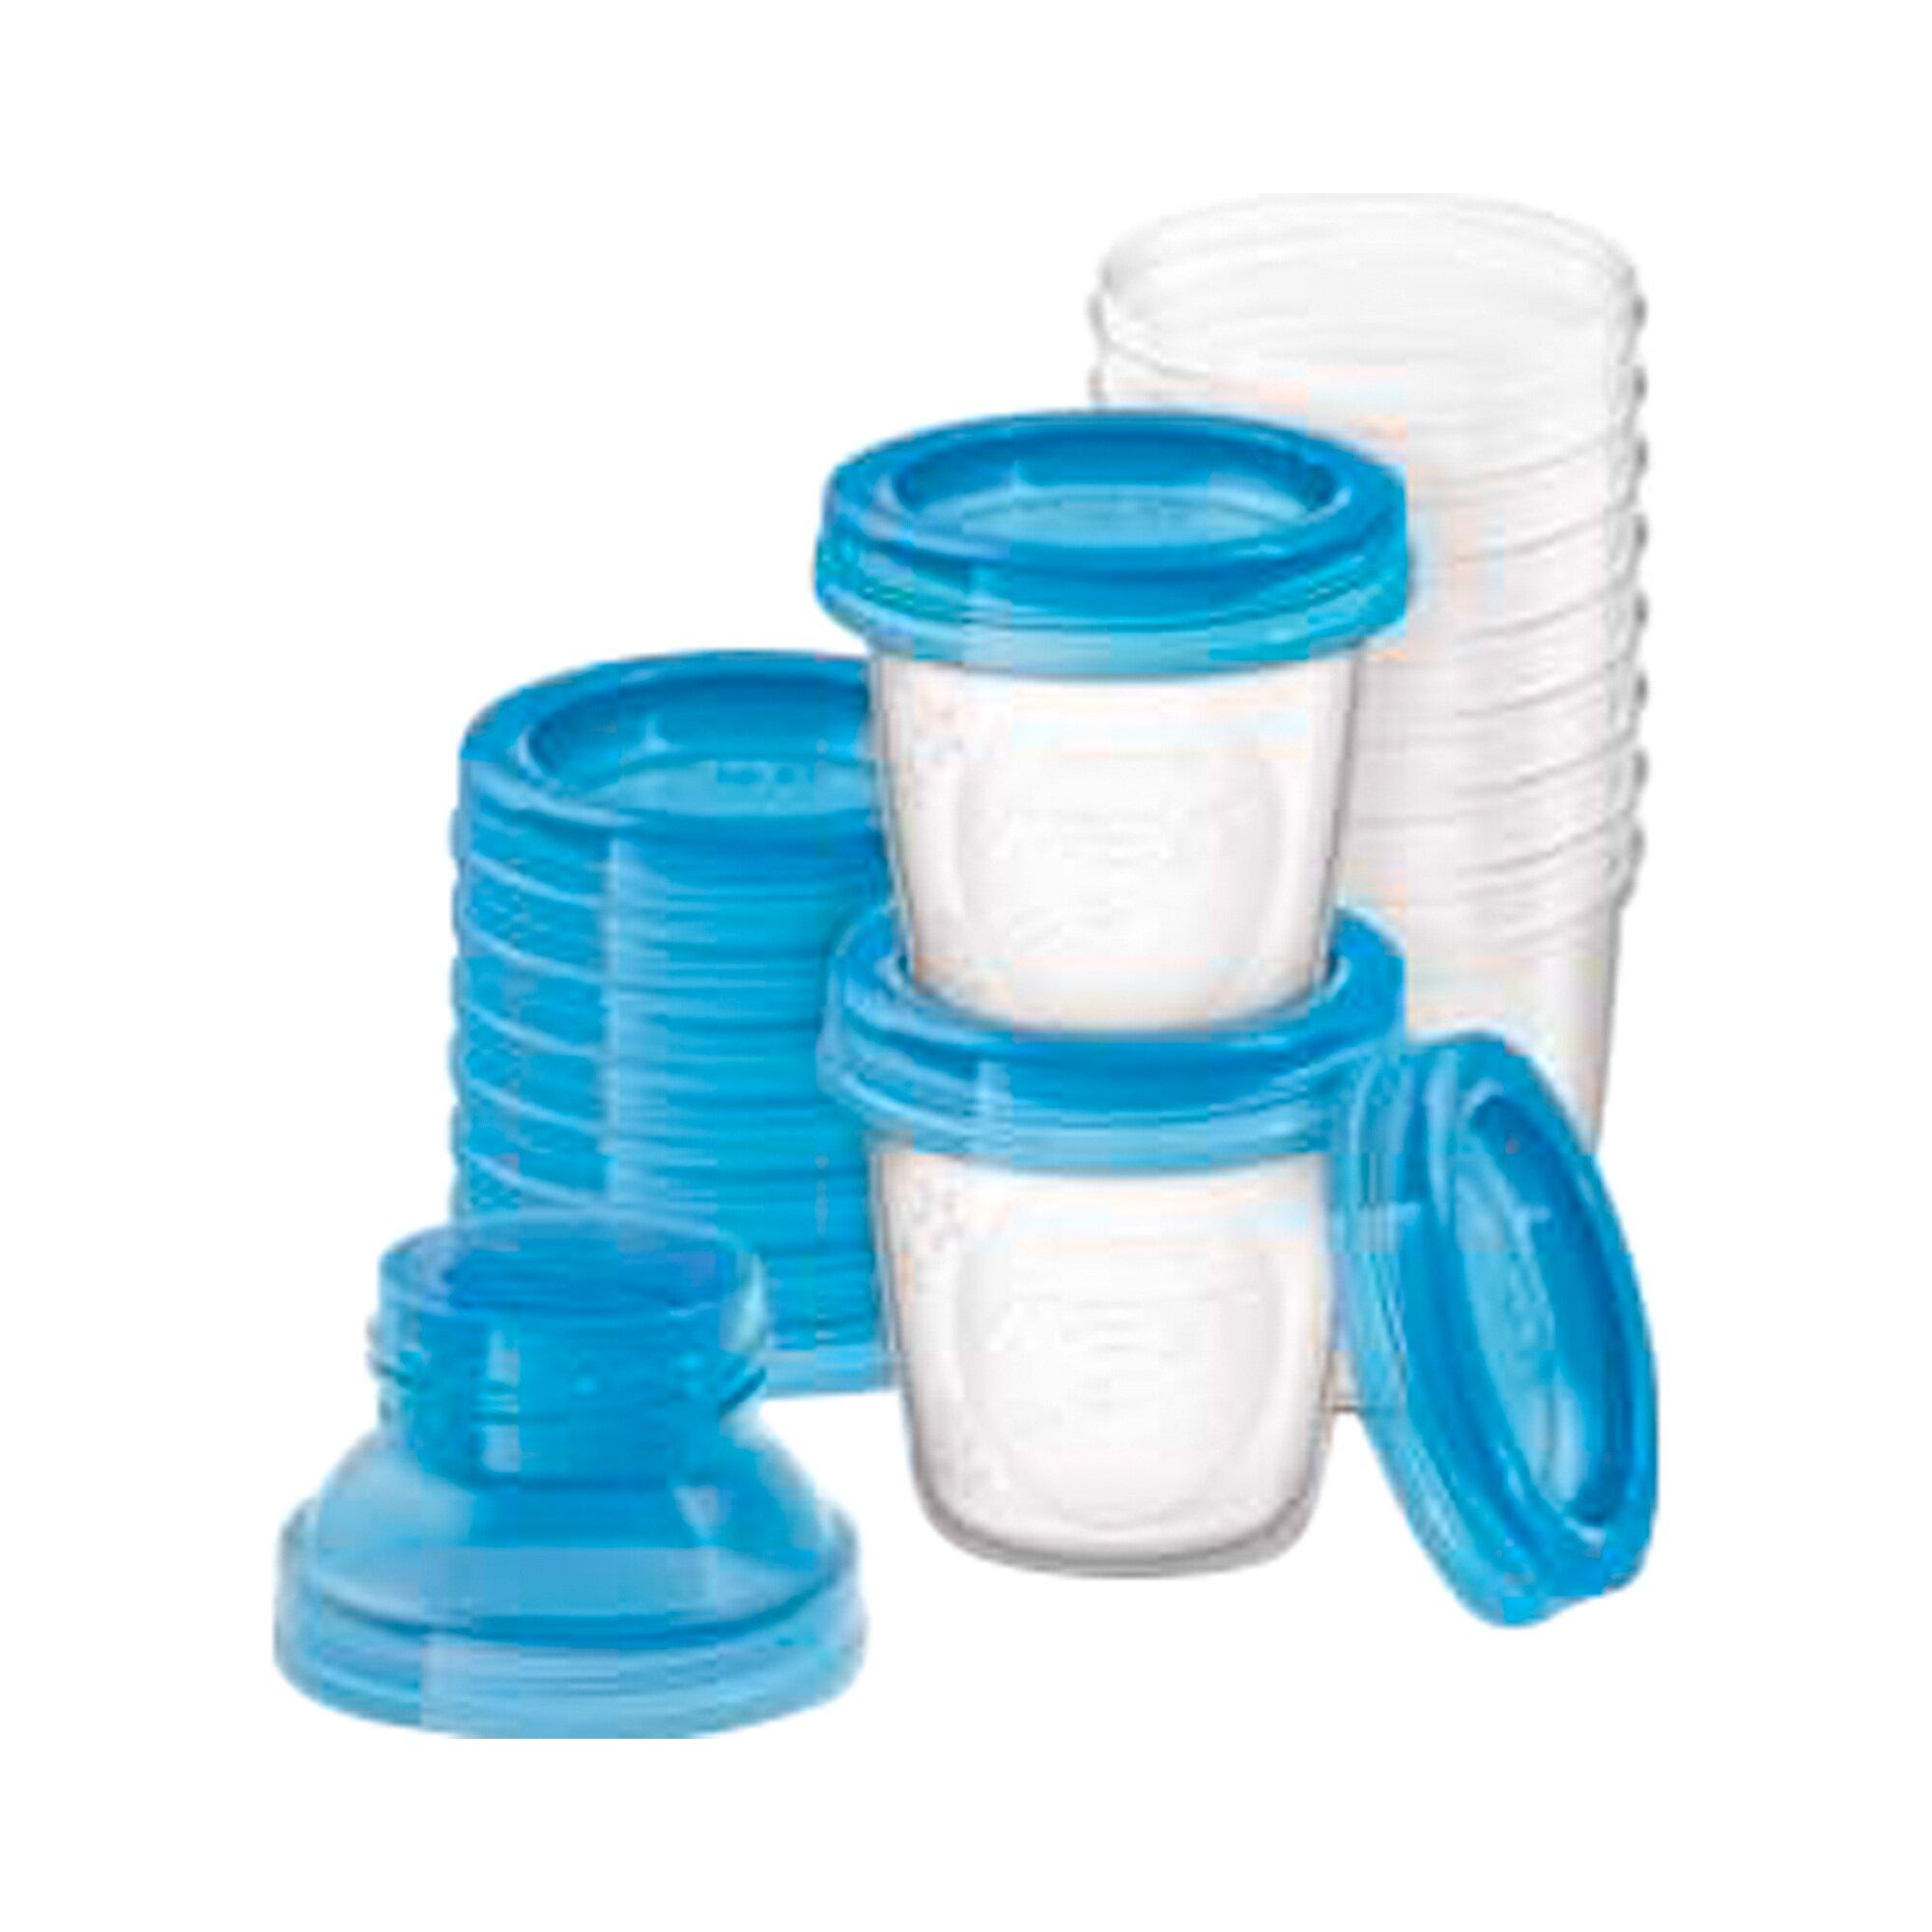 philips-avent-still-set-mit-handmilchpumpe-scd221-00-inkl-naturnah-flasche-aufbewahrungsbechern-und-stilleinlagen